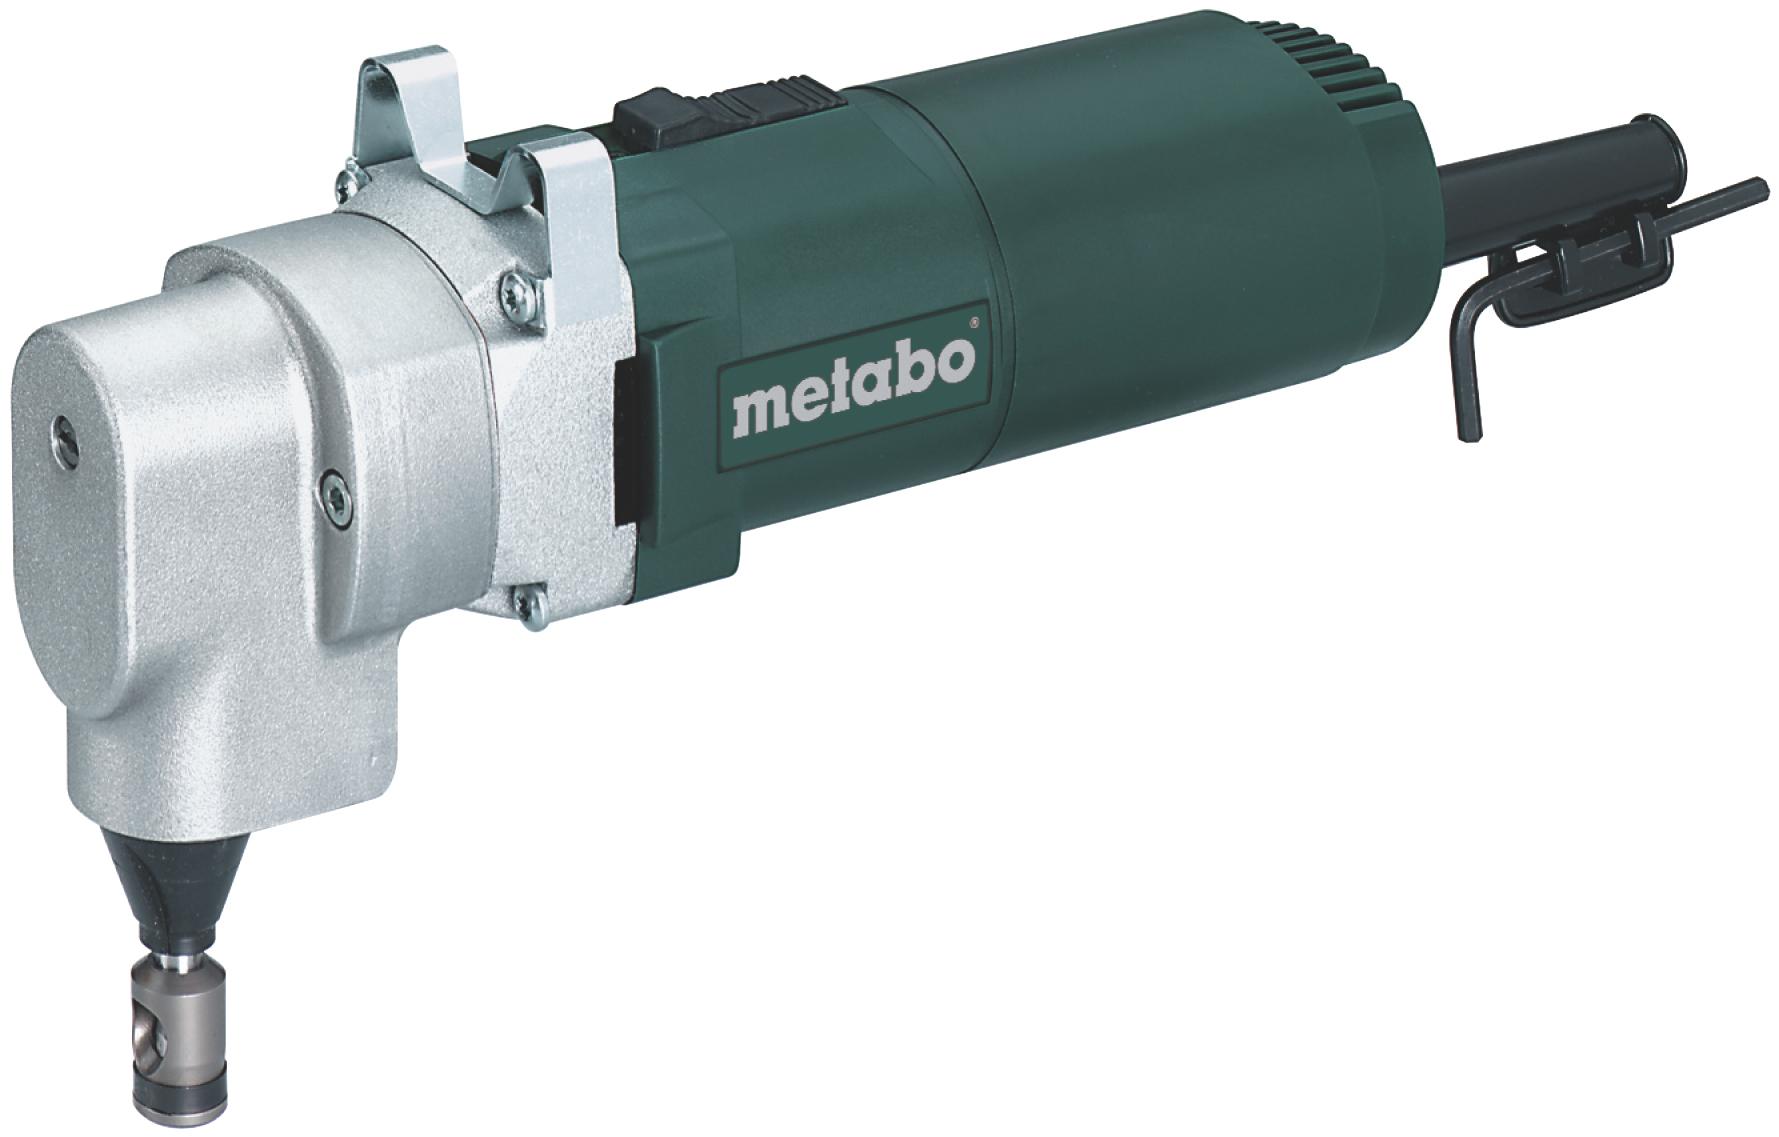 Электрические ножницы Metabo Kn 6875  электрические ножницы metabo kn 6875